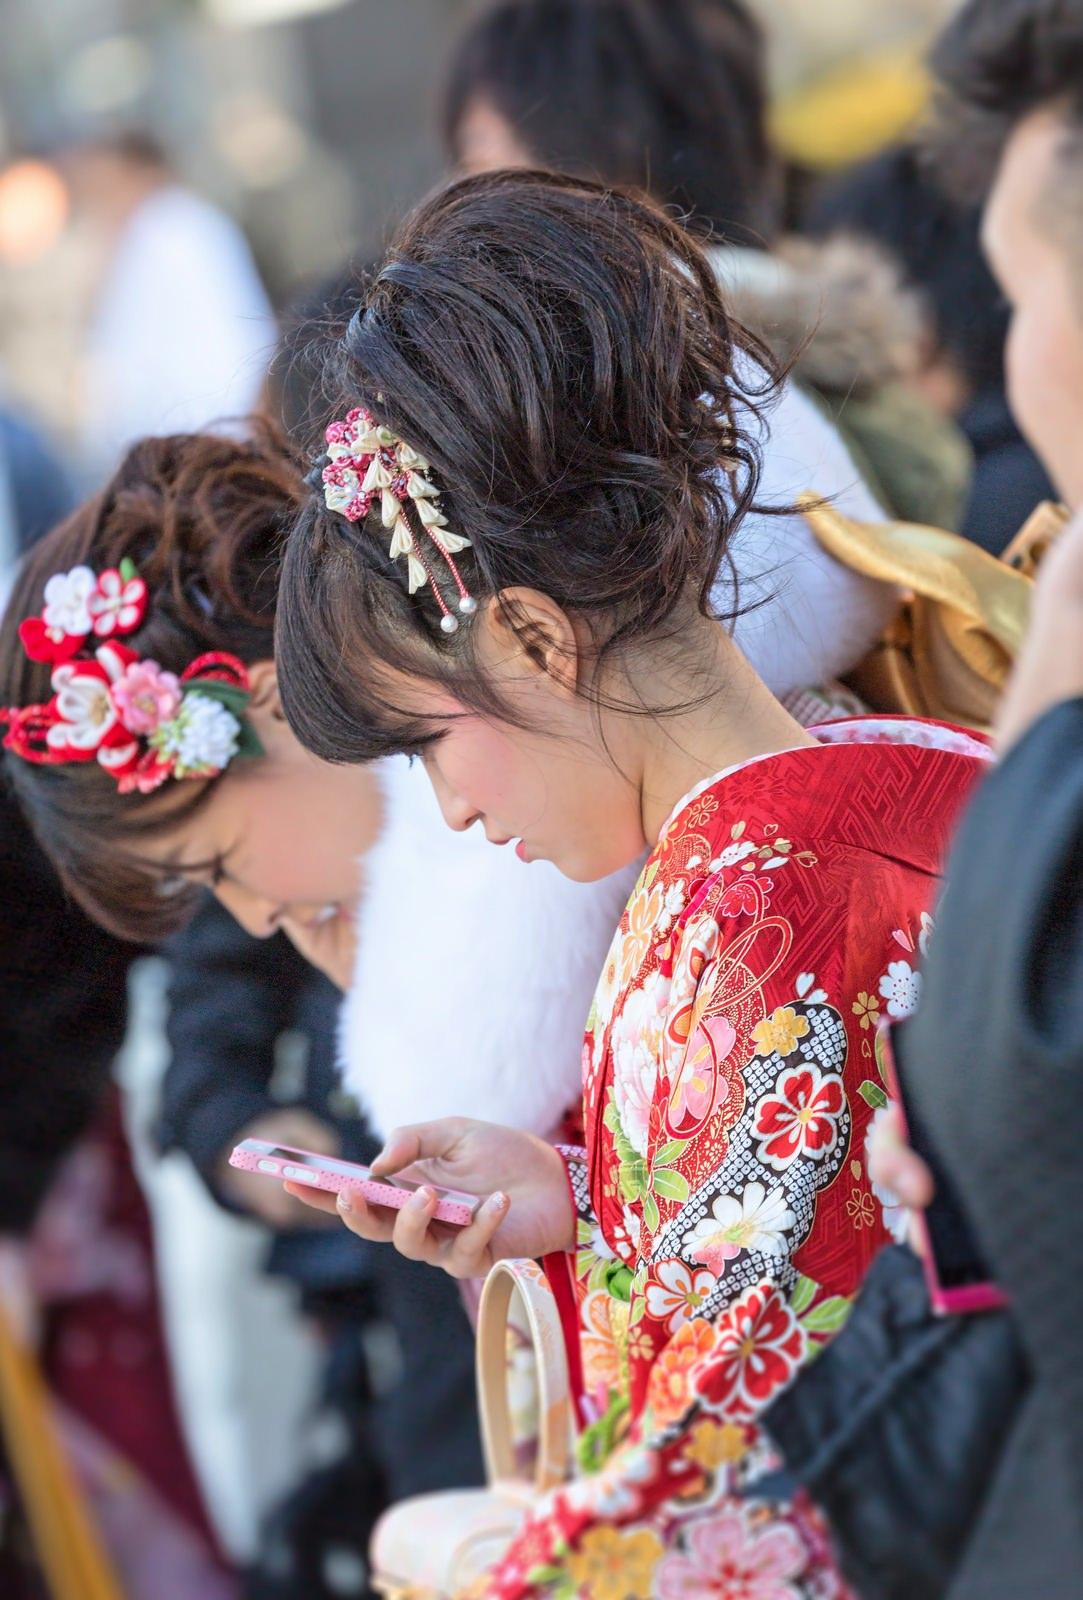 成人式の着物姿でスマートフォンをいじる女性成人式の着物姿でスマートフォンをいじる女性